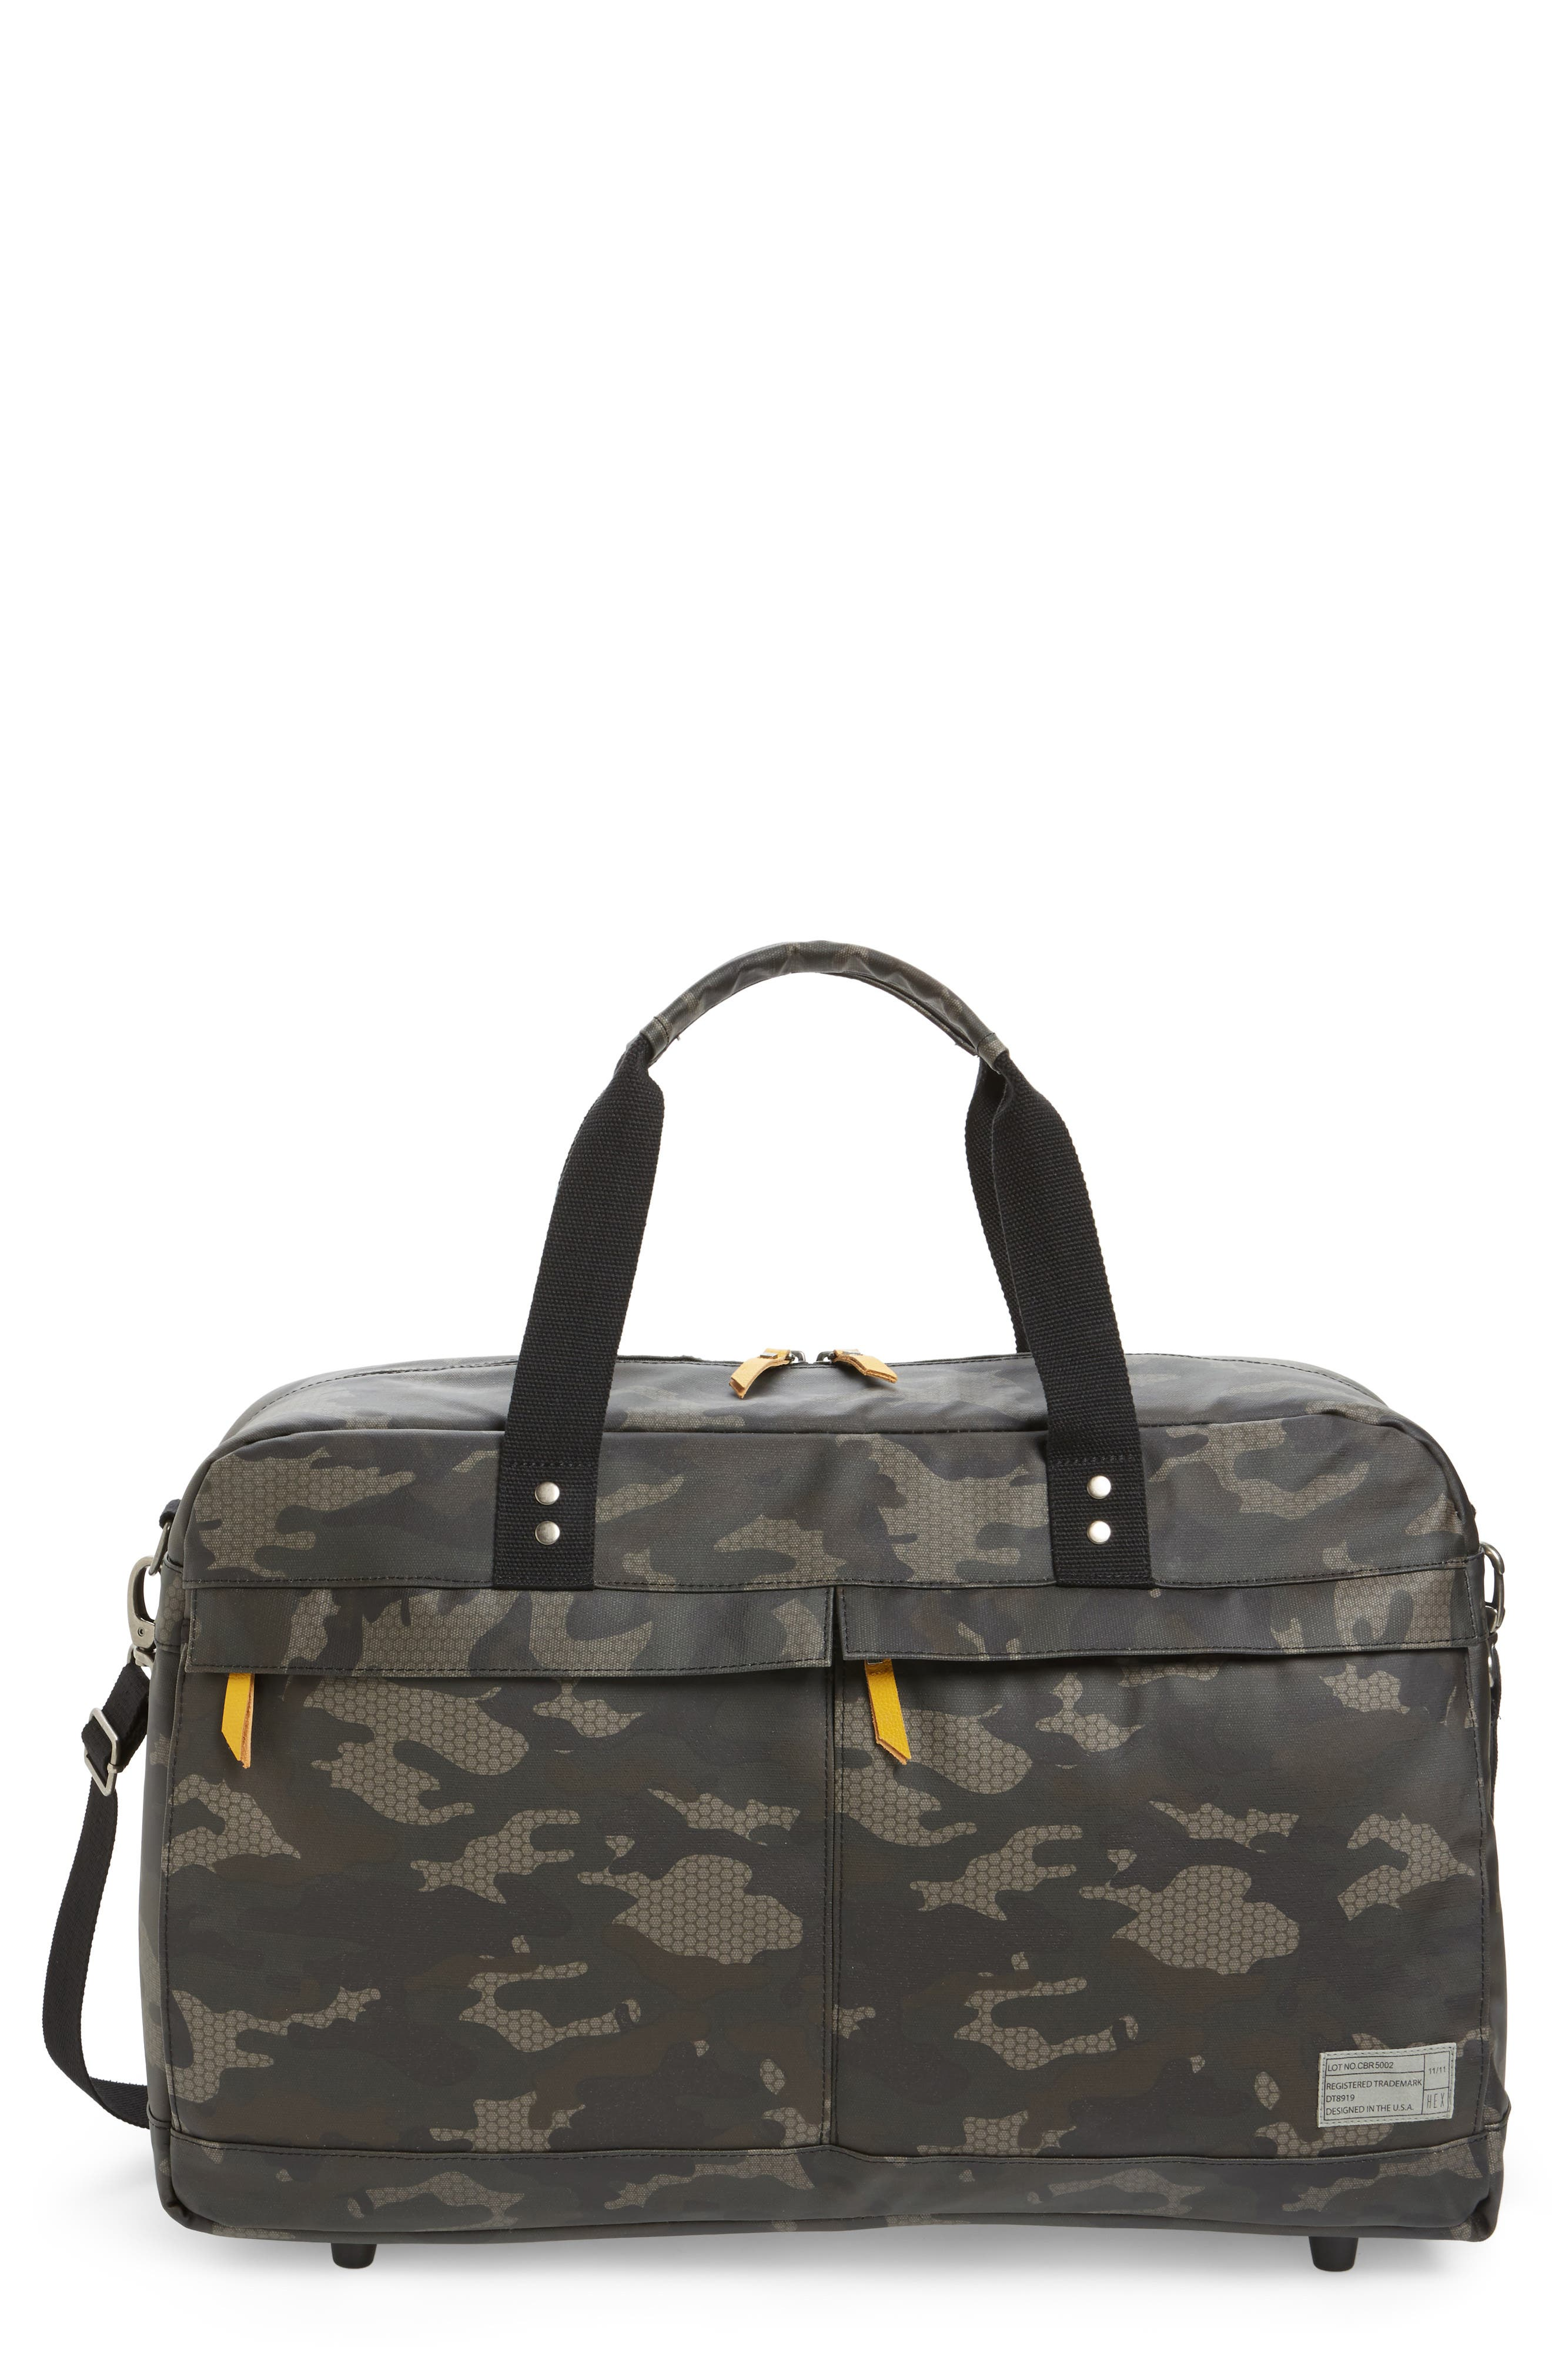 Alternate Image 1 Selected - HEX Calibre Duffel Bag